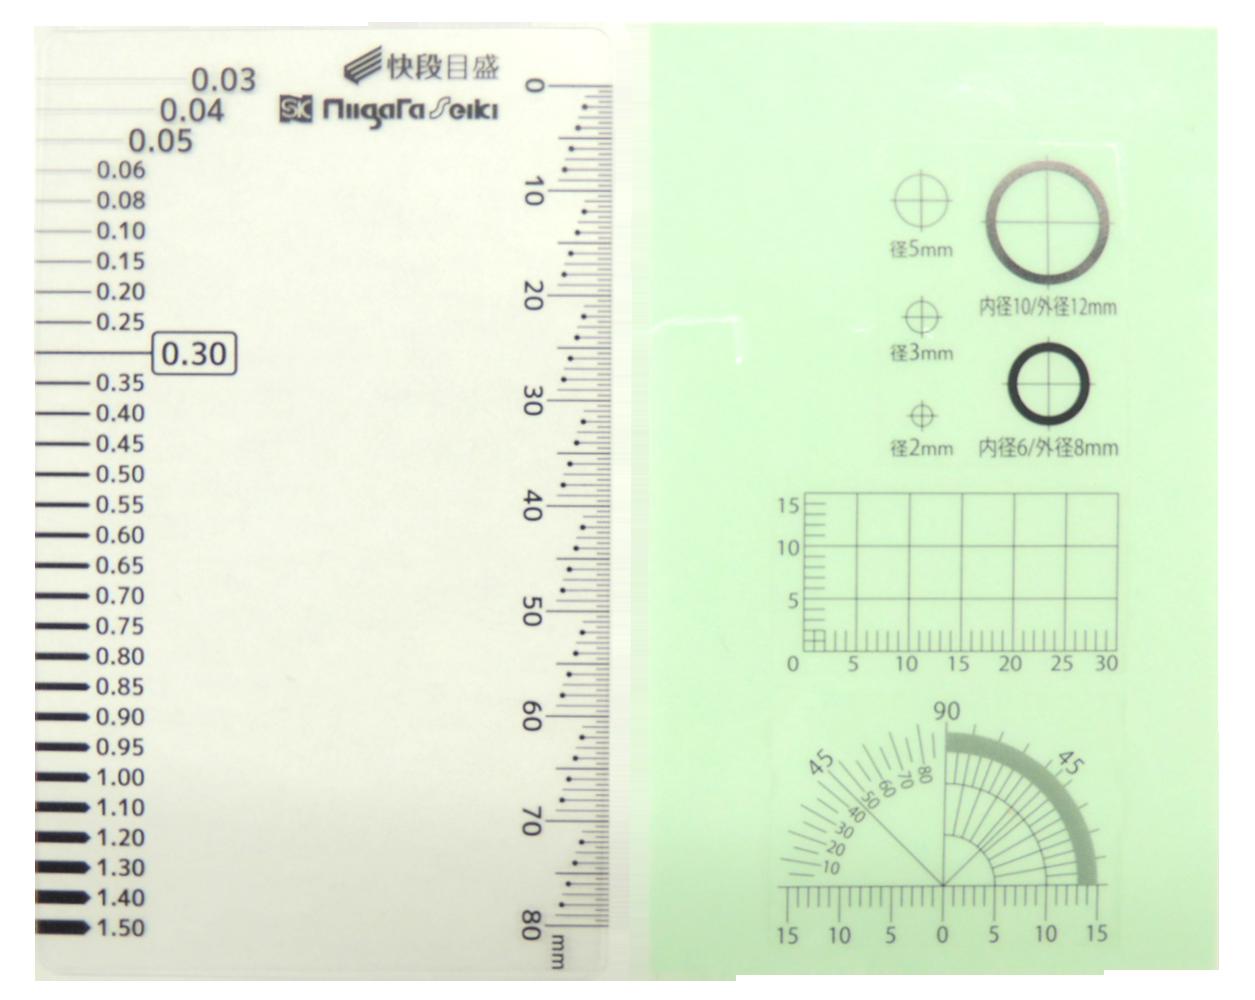 クラックスケール 範囲0.03〜1.50mm